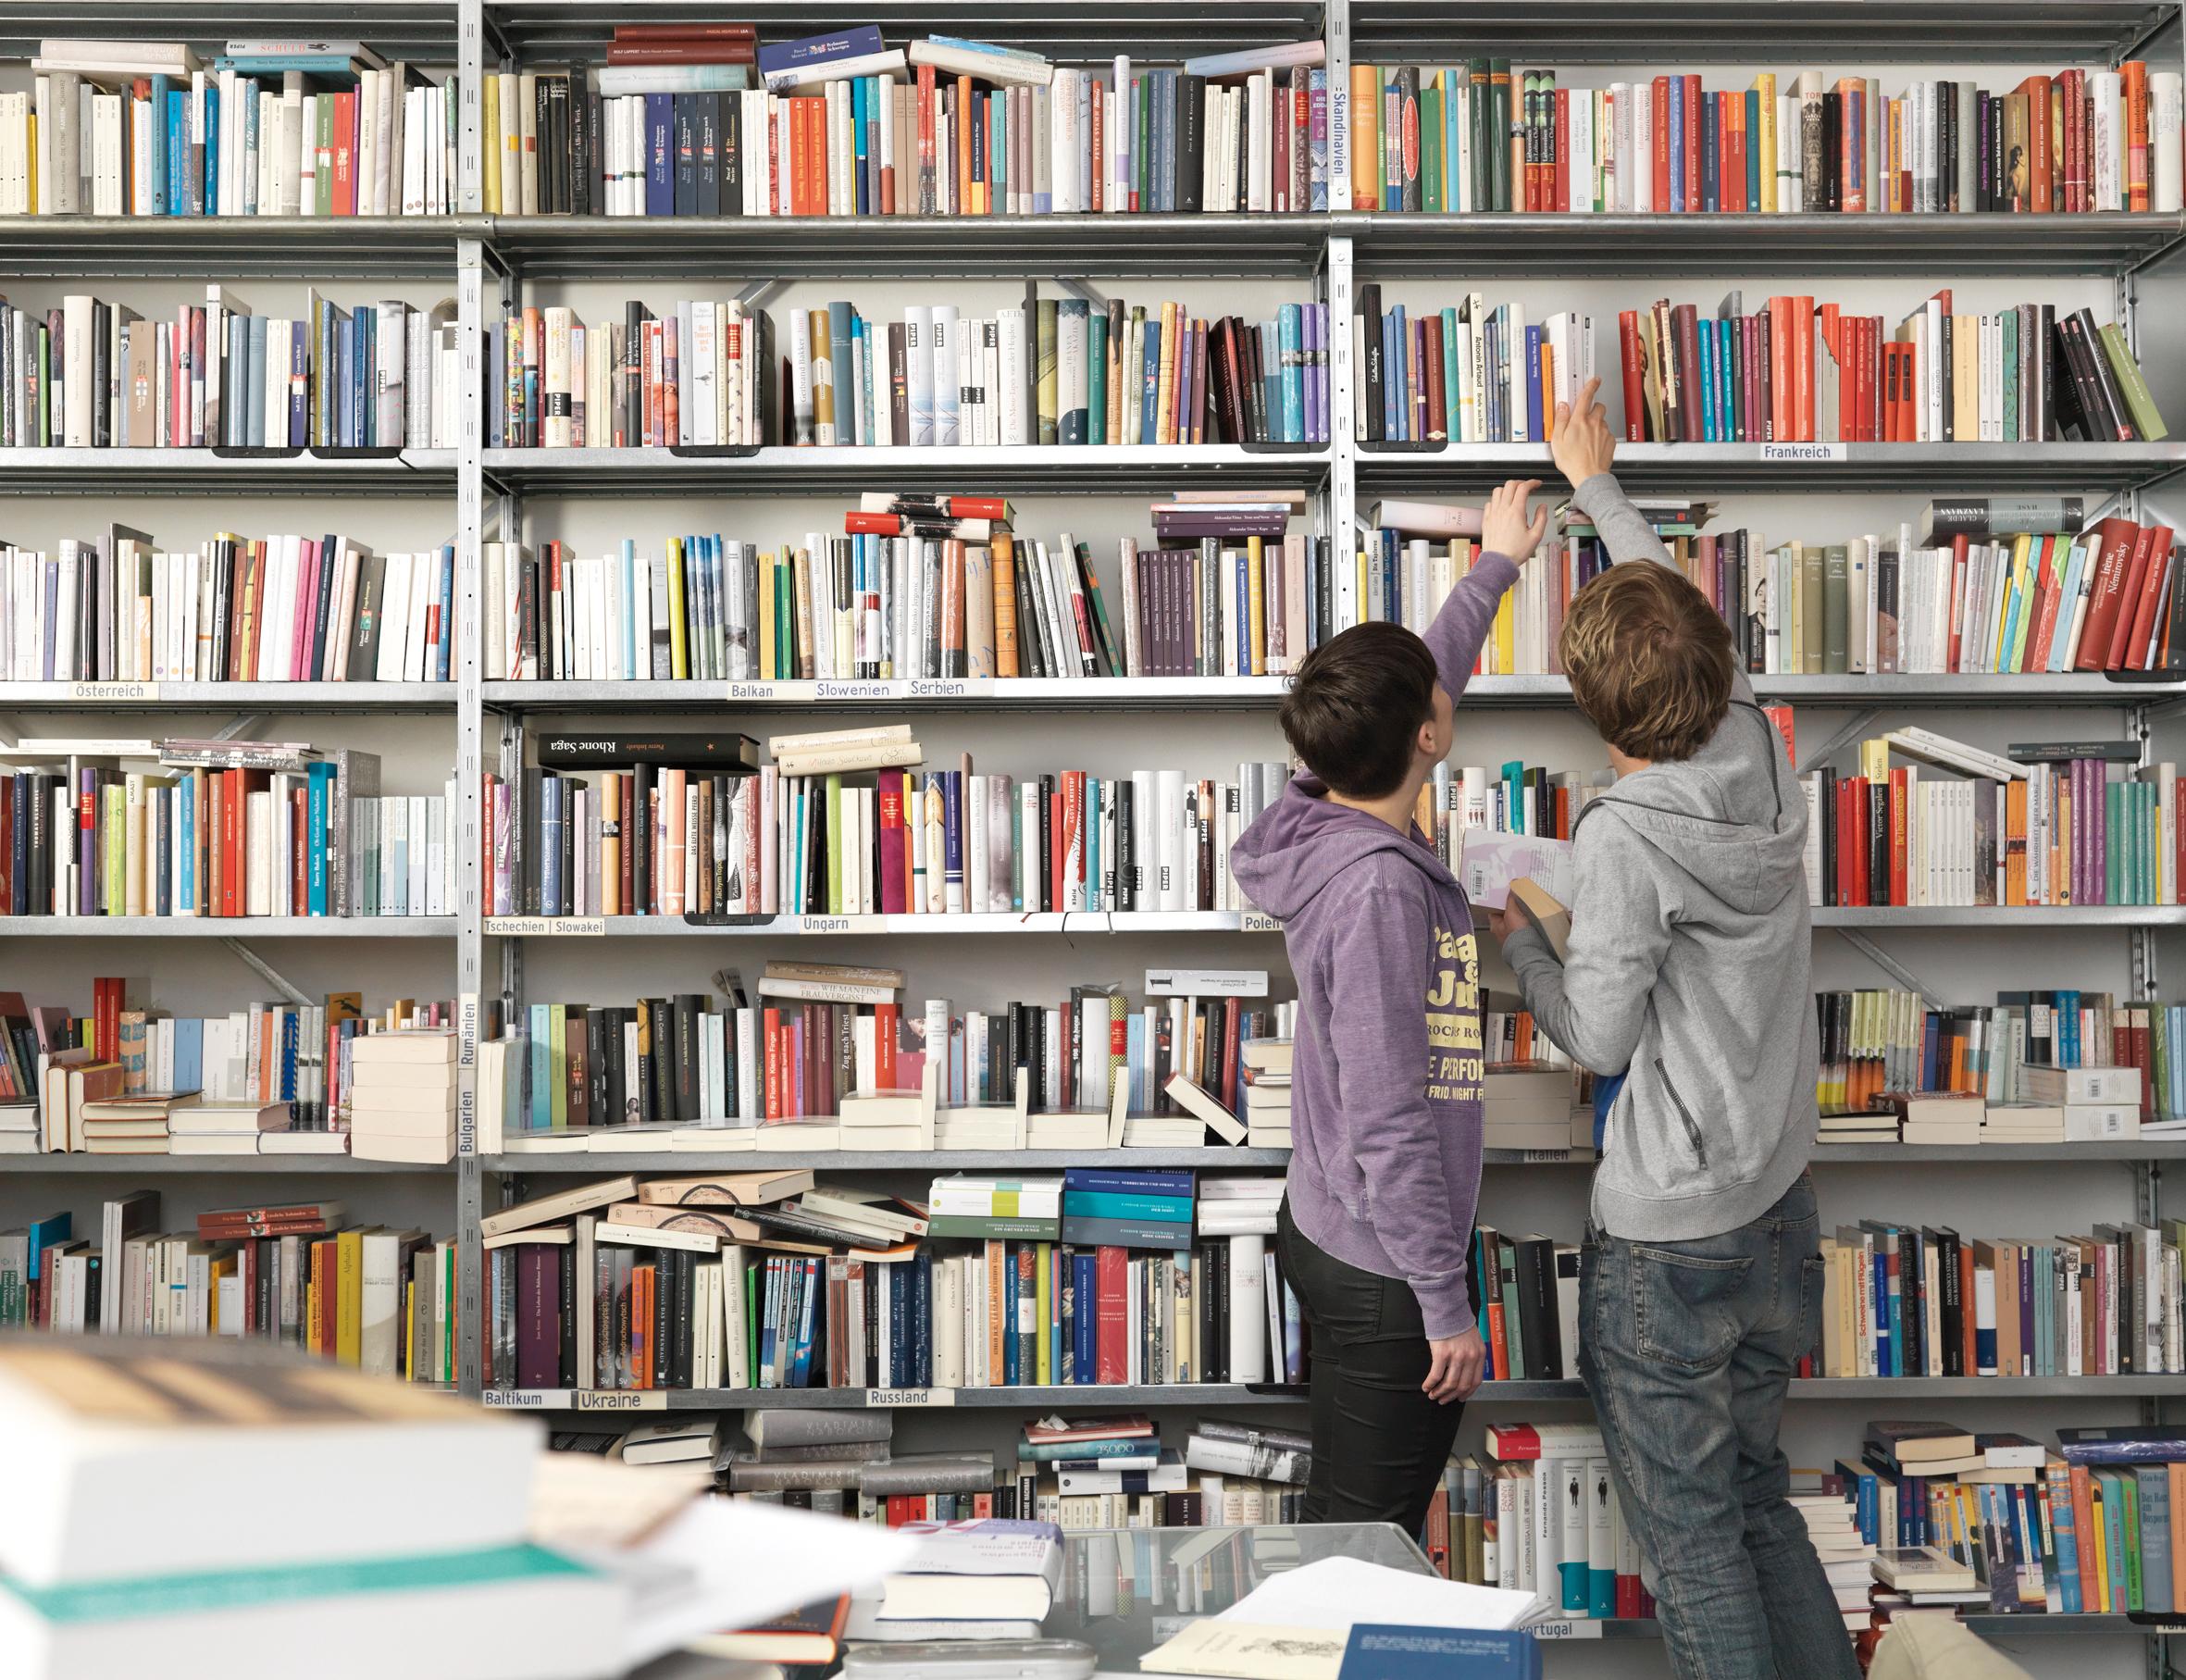 Könyvespolcon található szabályzatok